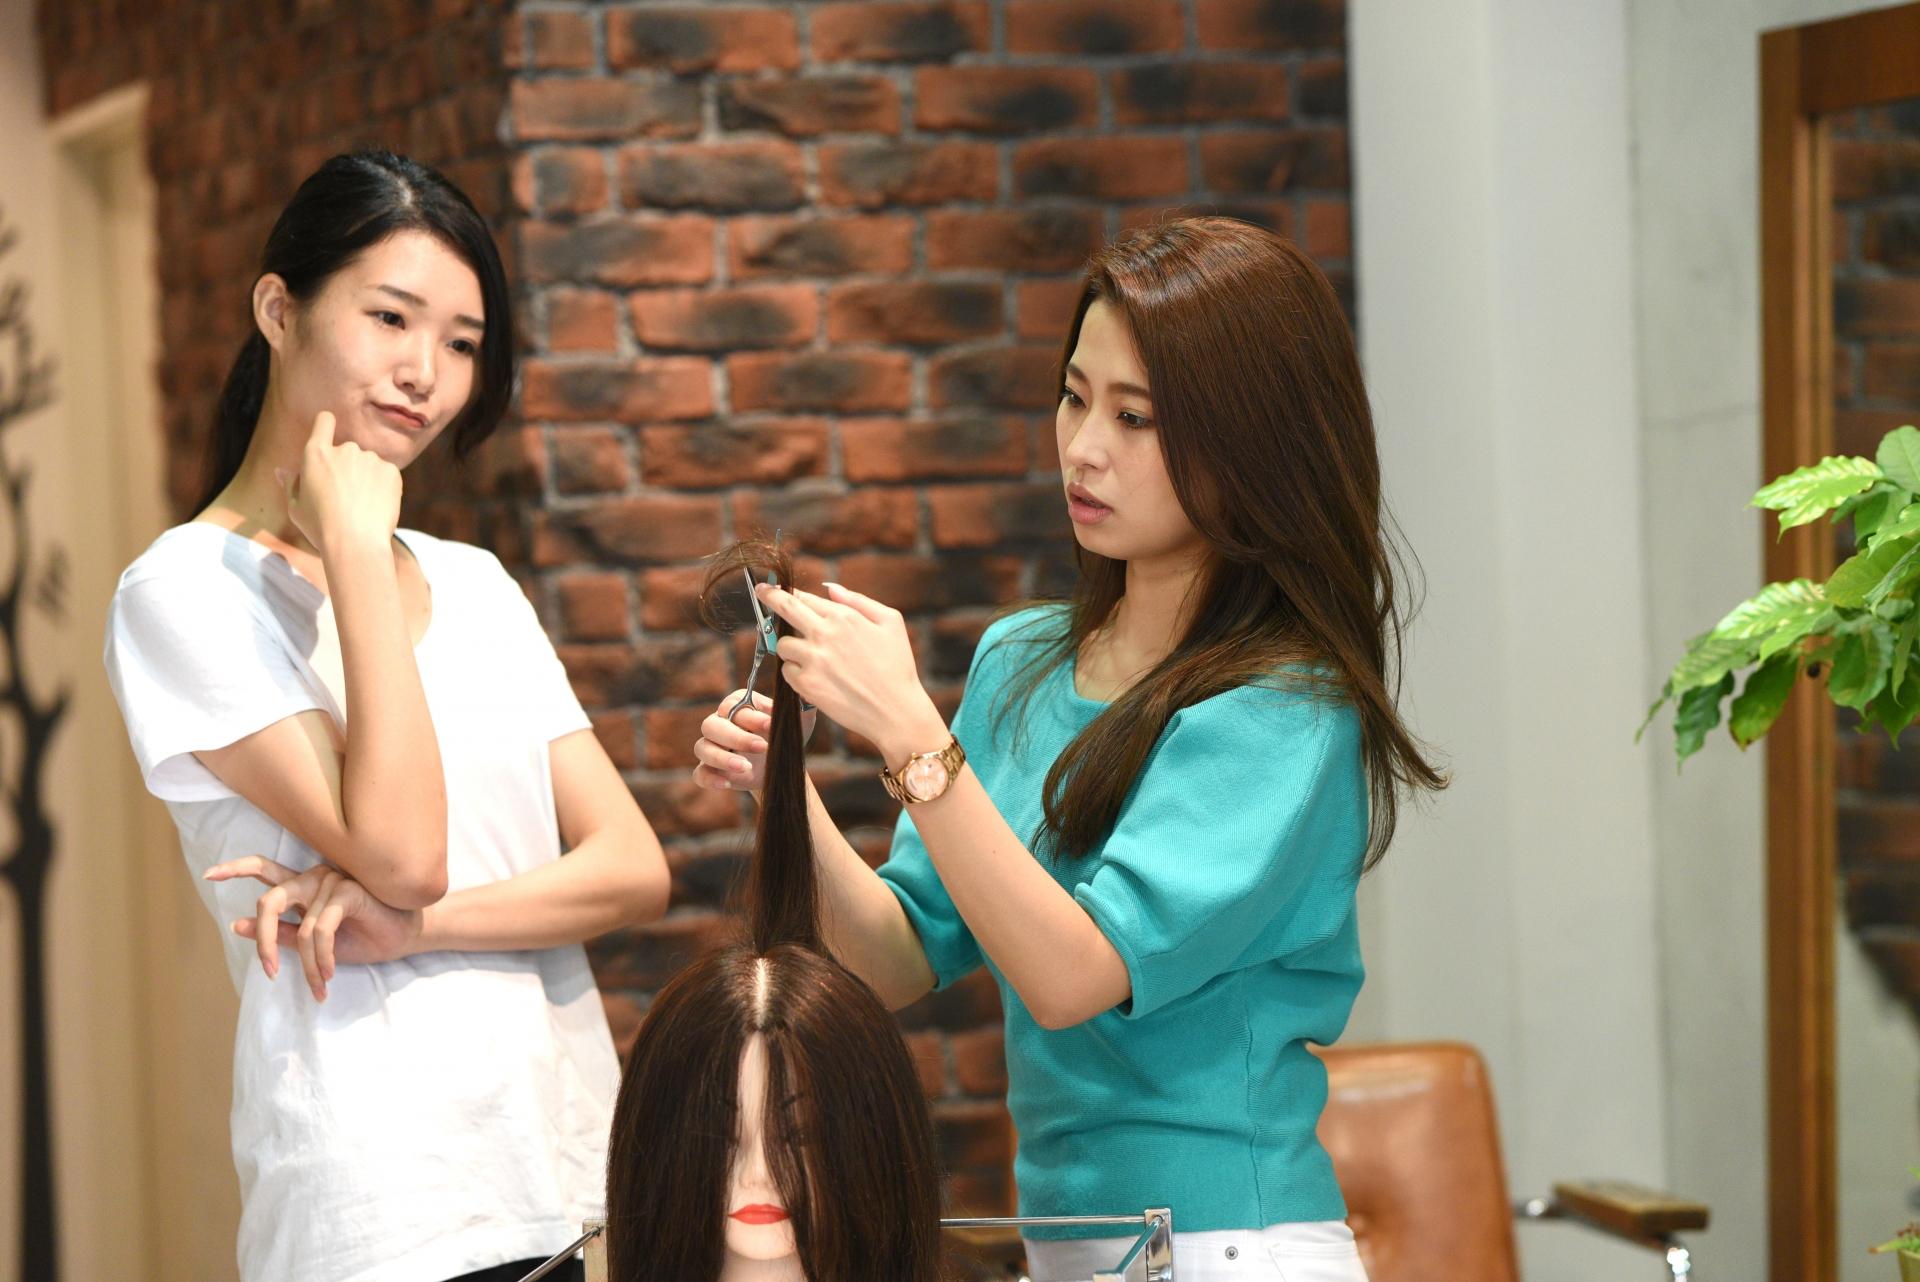 美容師労働時間